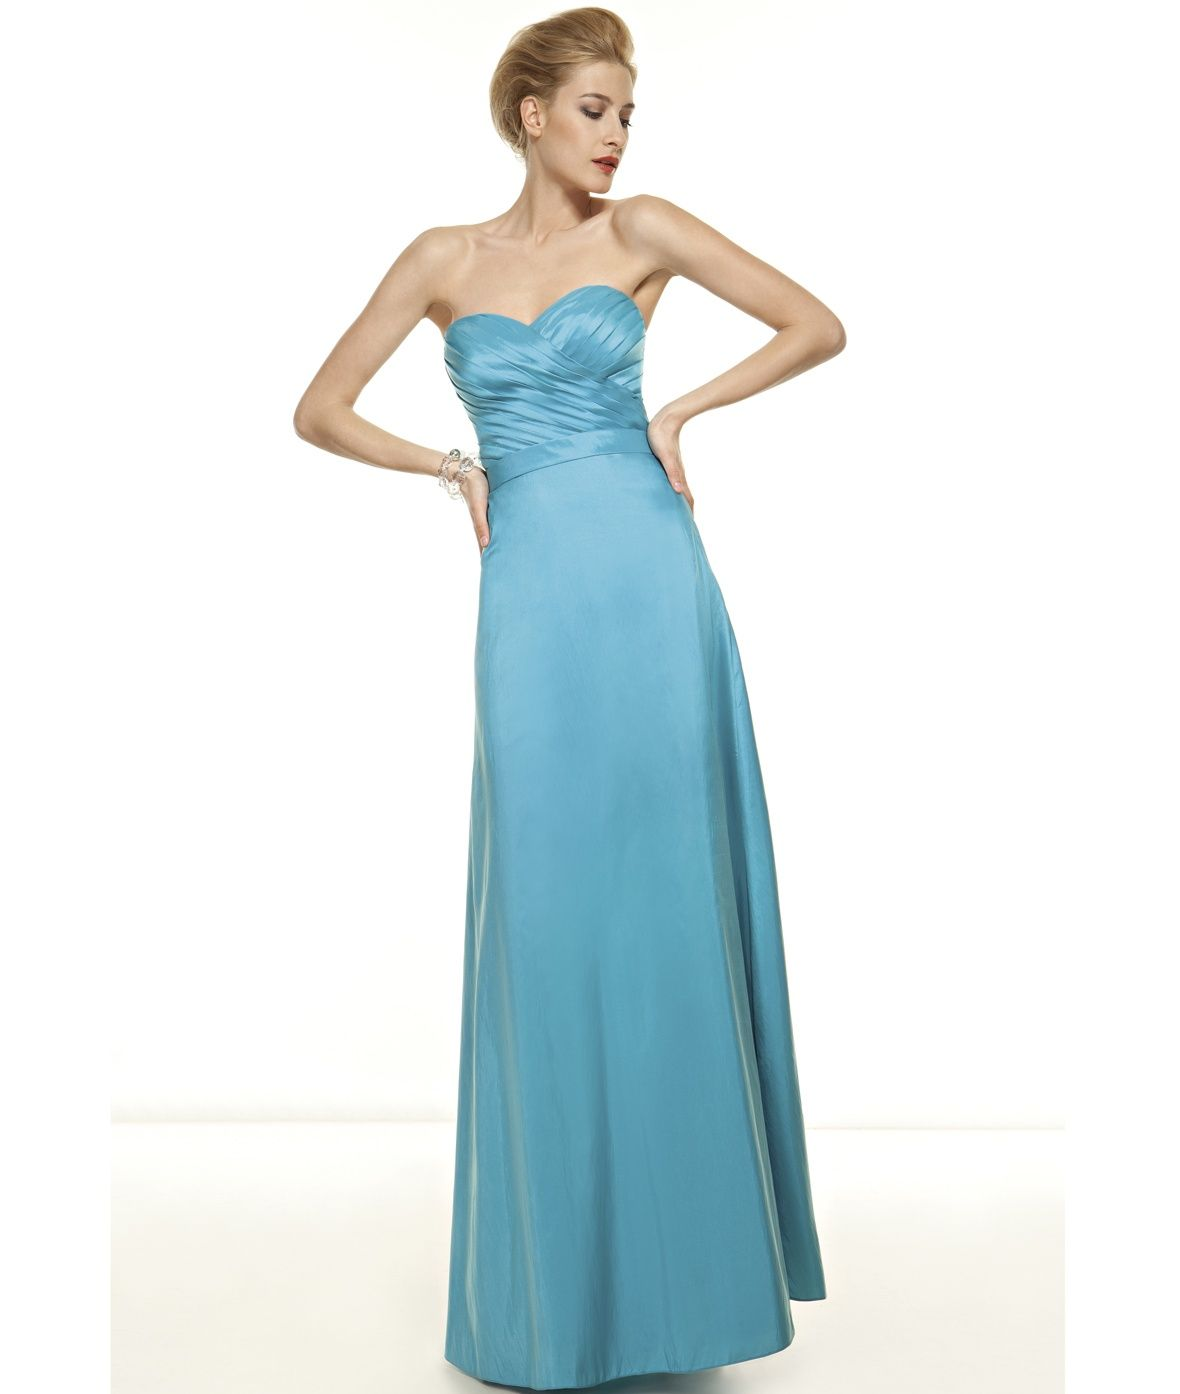 robe de demoiselle d 39 honneur mod le pm93 demetrios robe longue bustier bleu ciel mariage. Black Bedroom Furniture Sets. Home Design Ideas